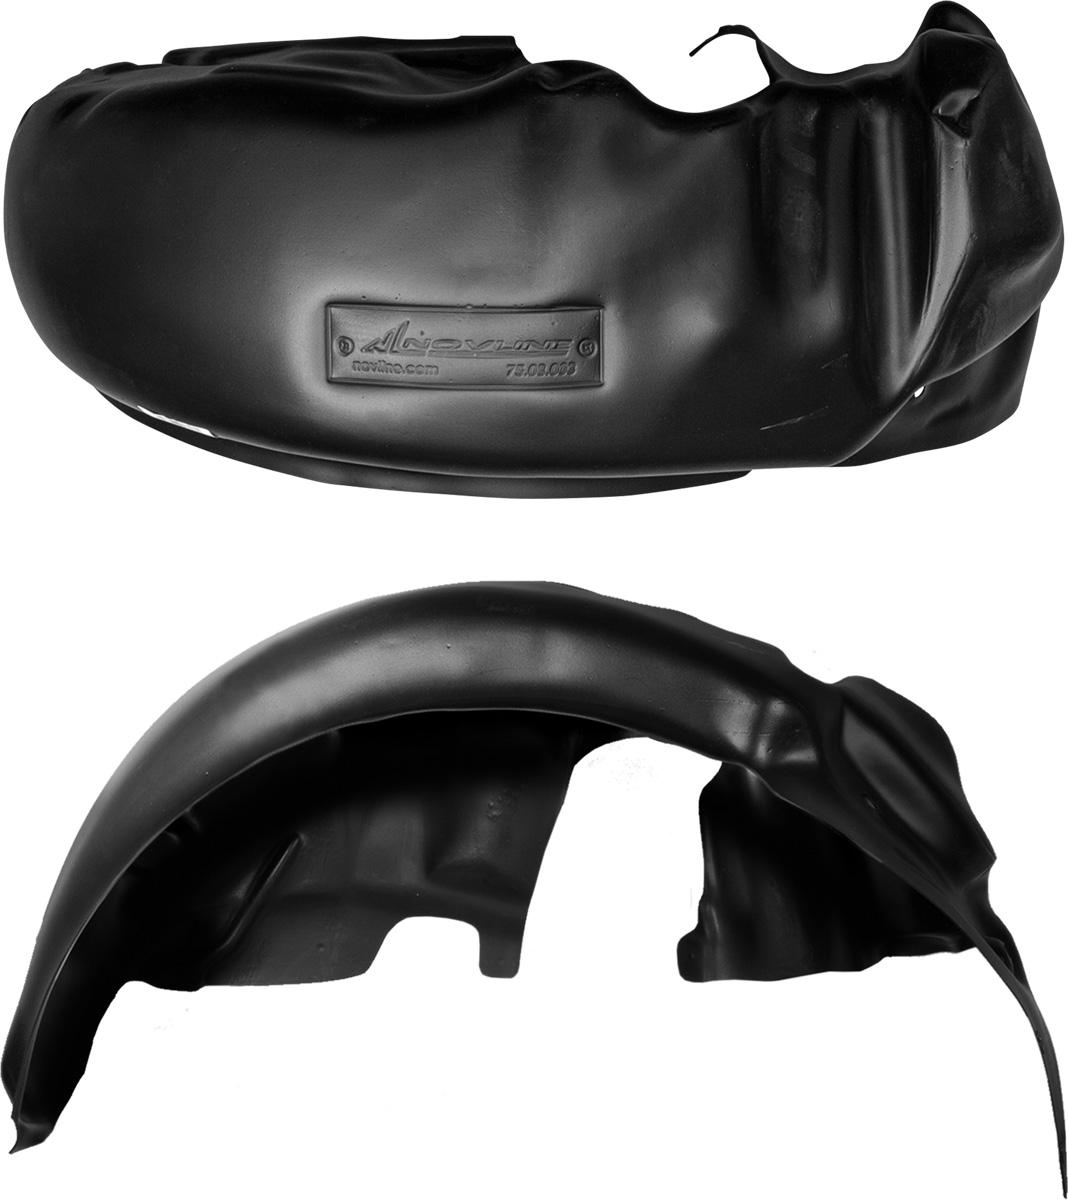 Подкрылок Novline-Autofamily, для Great Wall Hover H3/H5, 2010->, задний левыйNLL.59.10.003Колесные ниши - одни из самых уязвимых зон днища вашего автомобиля. Они постоянно подвергаются воздействию со стороны дороги. Лучшая, почти абсолютная защита для них - специально отформованные пластиковые кожухи, которые называются подкрылками. Производятся они как для отечественных моделей автомобилей, так и для иномарок. Подкрылки Novline-Autofamily выполнены из высококачественного, экологически чистого пластика. Обеспечивают надежную защиту кузова автомобиля от пескоструйного эффекта и негативного влияния, агрессивных антигололедных реагентов. Пластик обладает более низкой теплопроводностью, чем металл, поэтому в зимний период эксплуатации использование пластиковых подкрылков позволяет лучше защитить колесные ниши от налипания снега и образования наледи. Оригинальность конструкции подчеркивает элегантность автомобиля, бережно защищает нанесенное на днище кузова антикоррозийное покрытие и позволяет осуществить крепление подкрылков внутри колесной арки практически без дополнительного крепежа и сверления, не нарушая при этом лакокрасочного покрытия, что предотвращает возникновение новых очагов коррозии. Подкрылки долговечны, обладают высокой прочностью и сохраняют заданную форму, а также все свои физико-механические характеристики в самых тяжелых климатических условиях (от -50°С до +50°С).Уважаемые клиенты!Обращаем ваше внимание, на тот факт, что подкрылок имеет форму, соответствующую модели данного автомобиля. Фото служит для визуального восприятия товара.